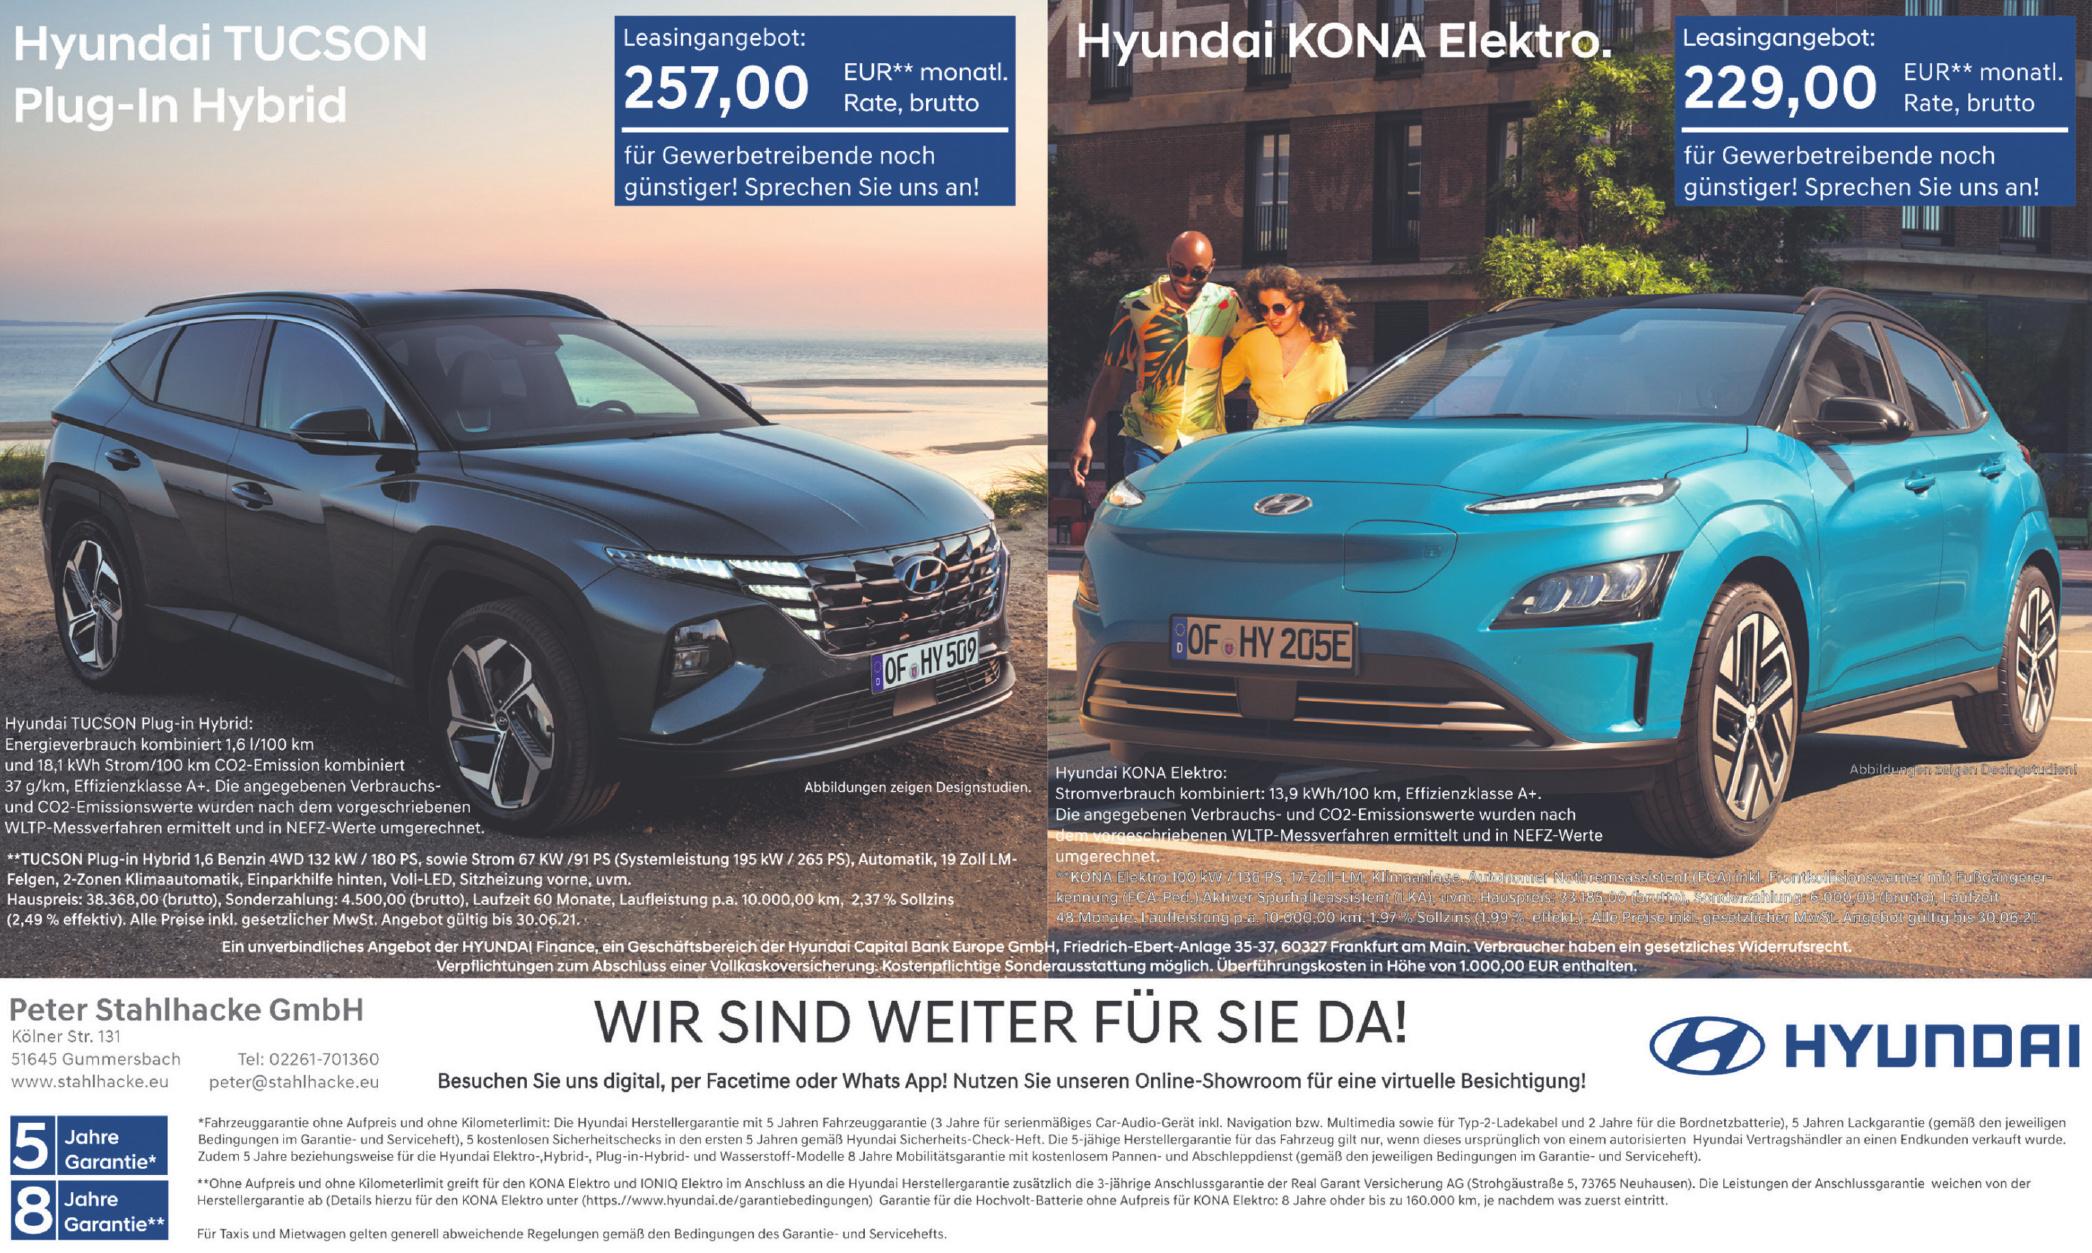 Die Zahlen steigen rasant – Deutschland bereits auf Platz 3 – Tesla vorn, VW dicht dahinter Image 2